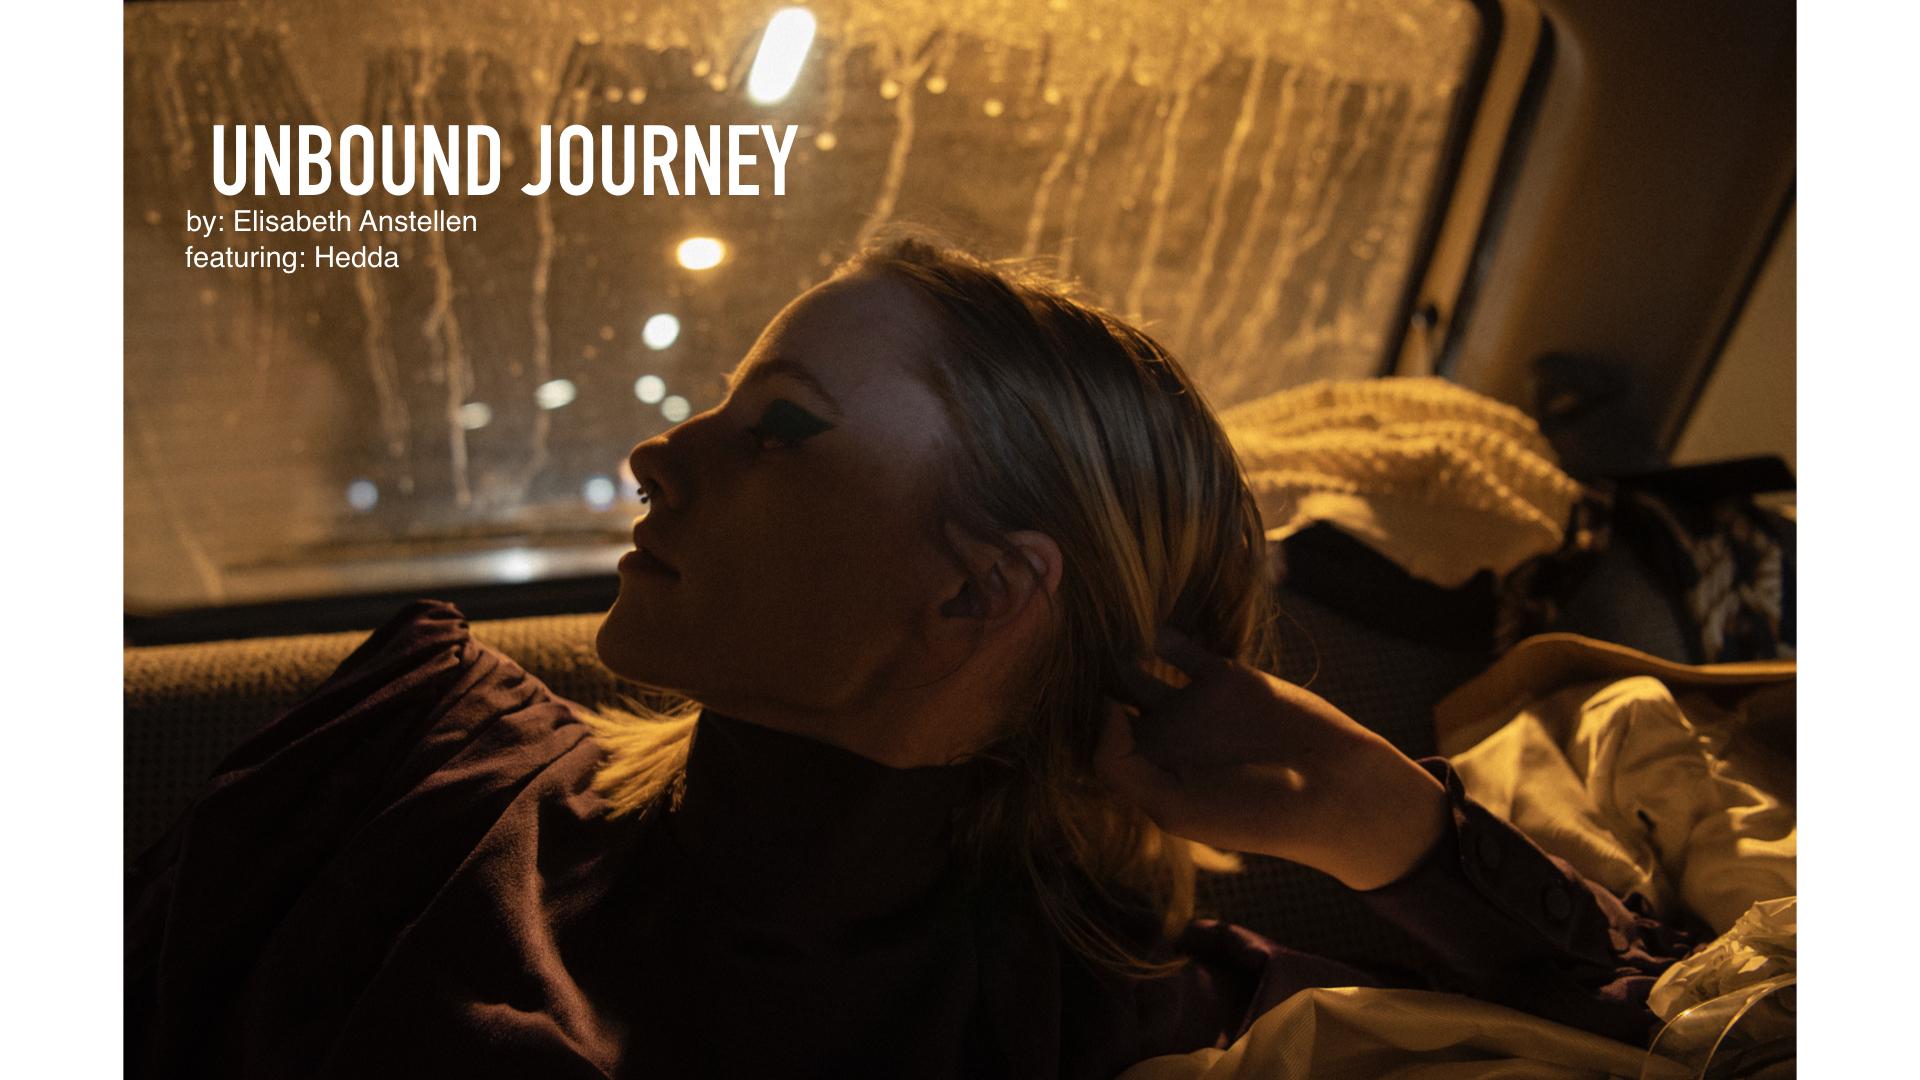 unbound journey spreadswhite.002.jpeg